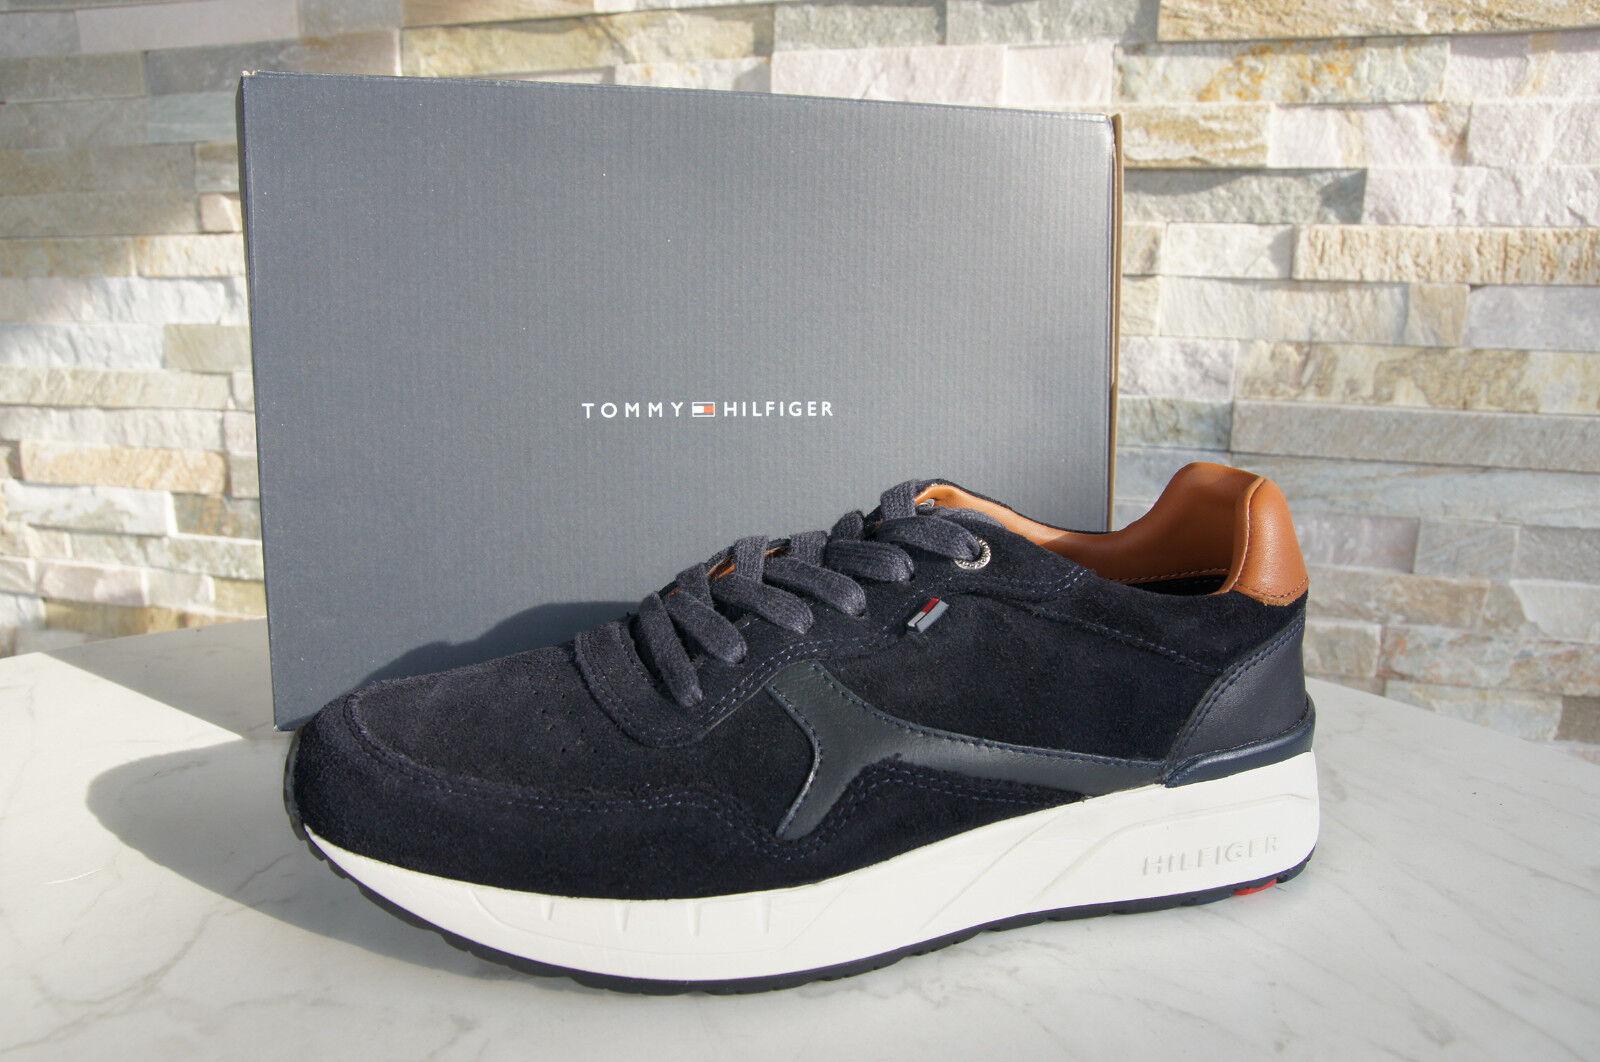 Tommy Hilfiger 40 Gr Sneakers Scarpe con Lacci Scarpe Corsa Blu Scuro Nuovo Scarpe classiche da uomo